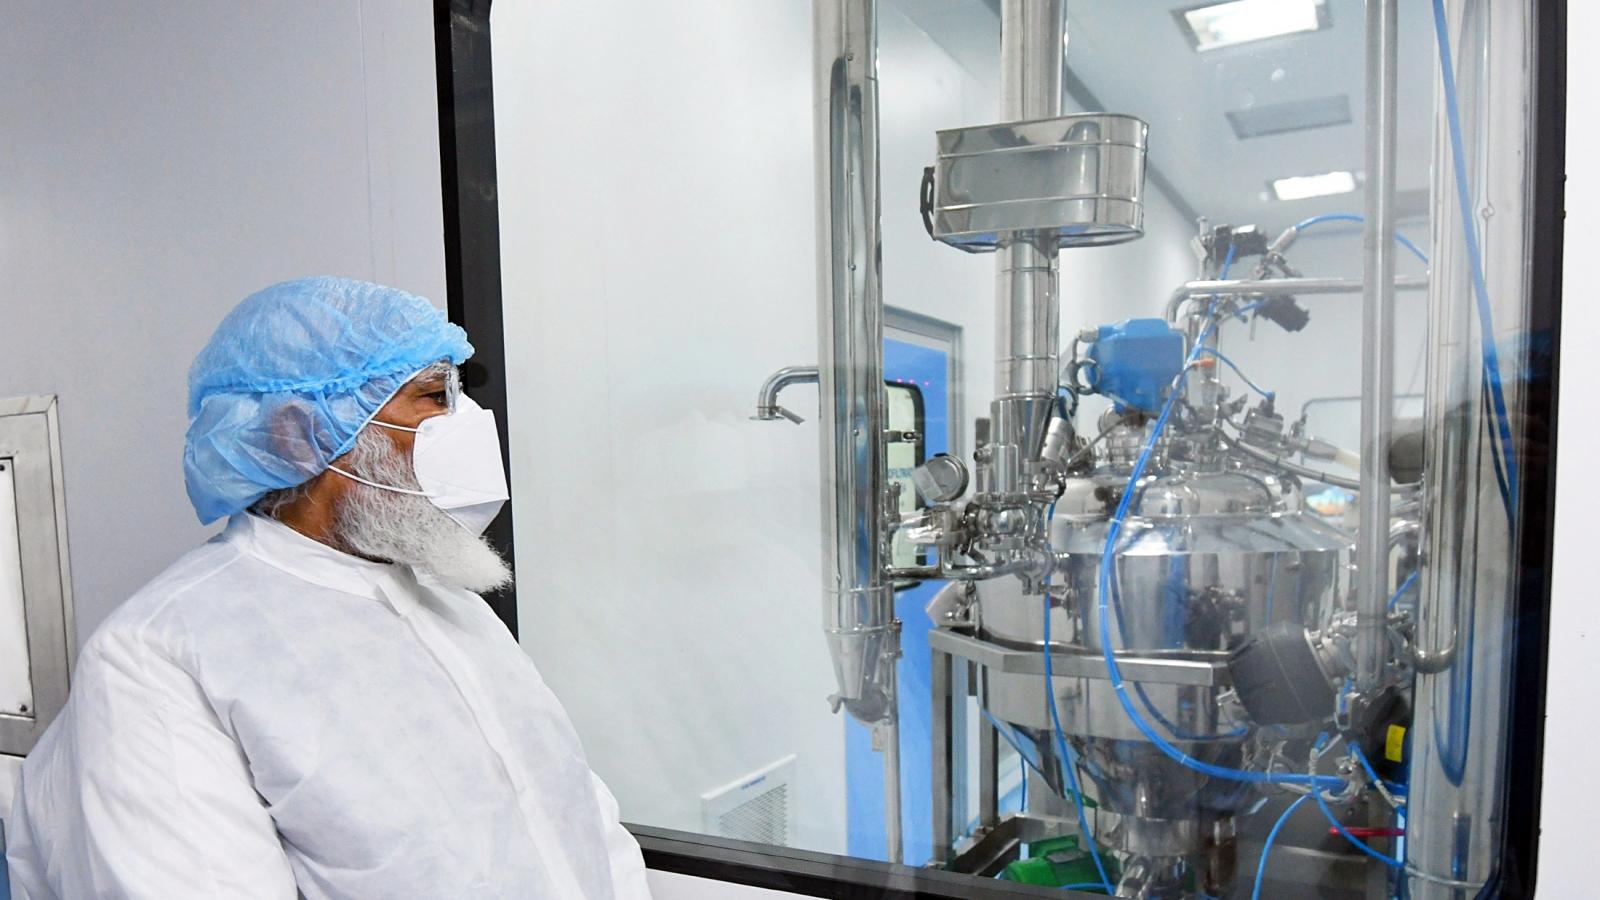 Ấn Độ diễn tập toàn bộ quy trình tiêm chủng vaccine Covid-19 trong 2 ngày